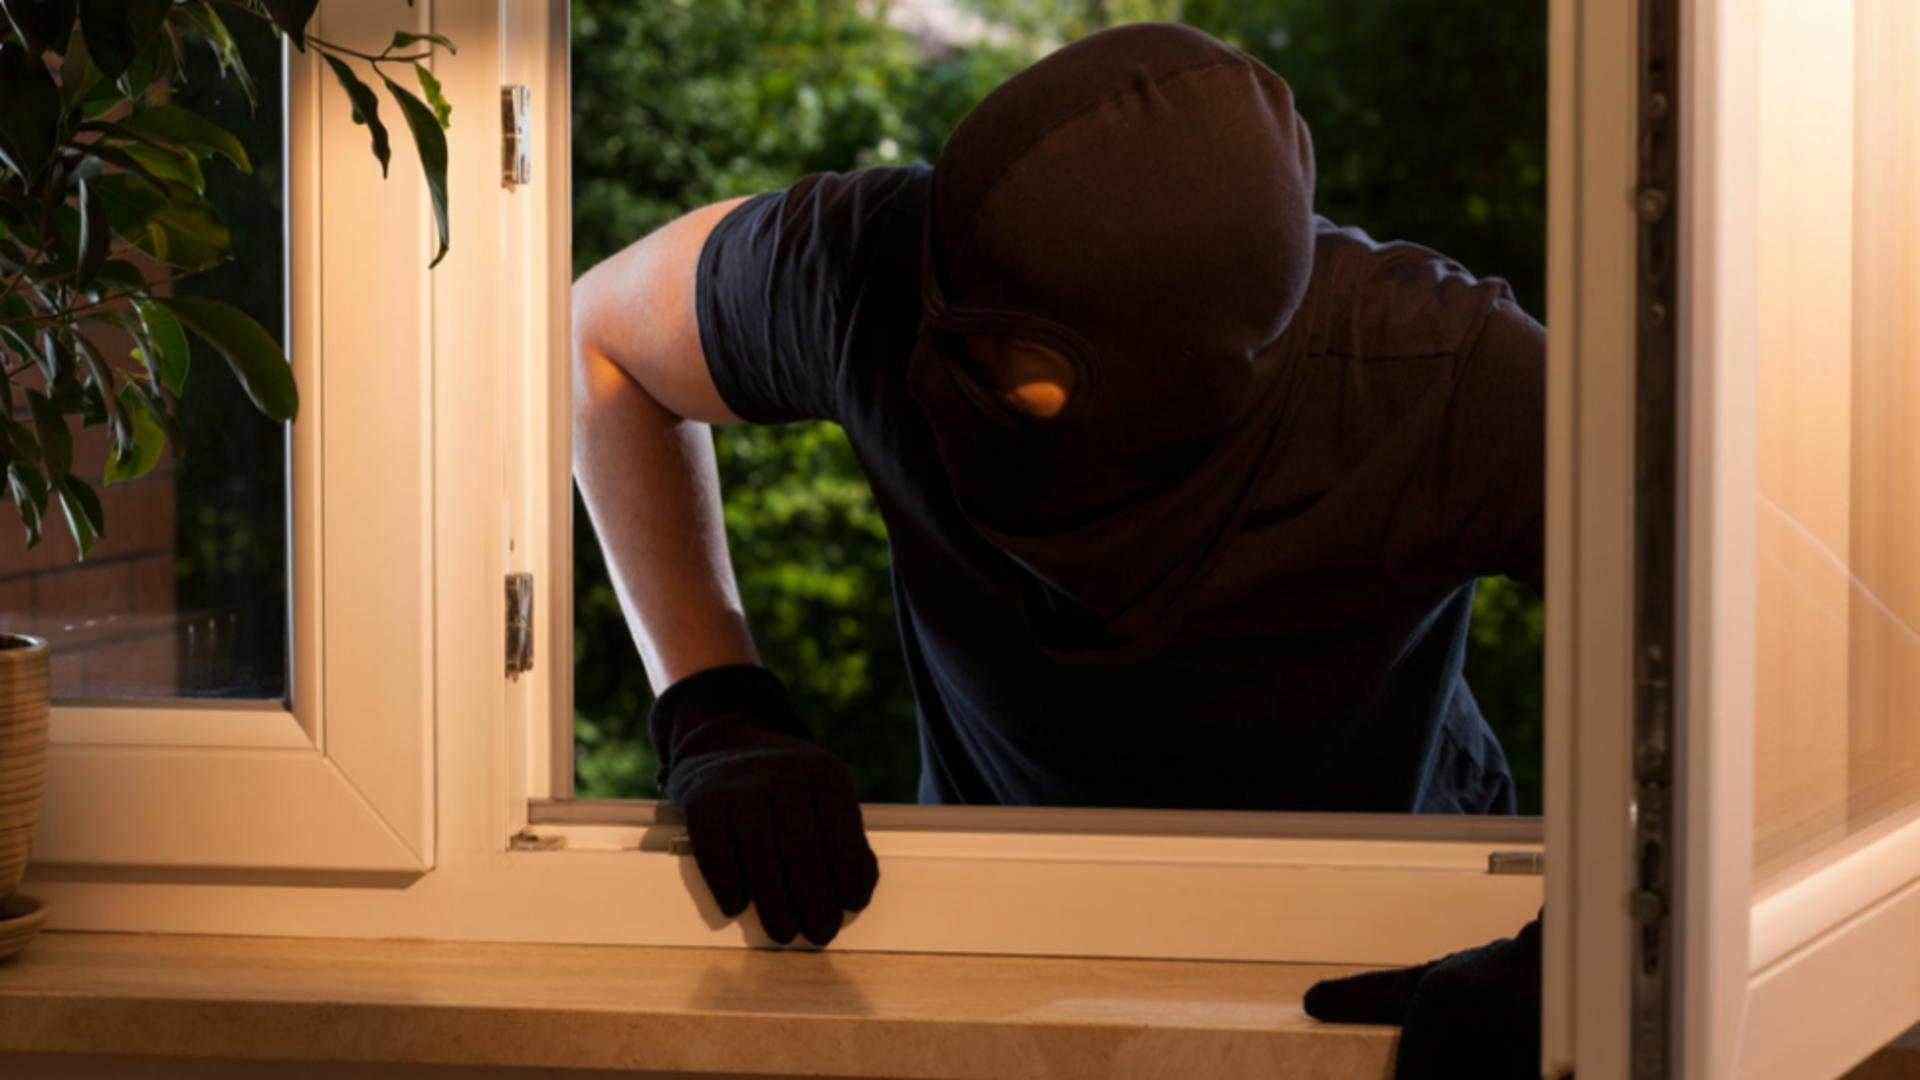 Hoț care escaladează o fereastră